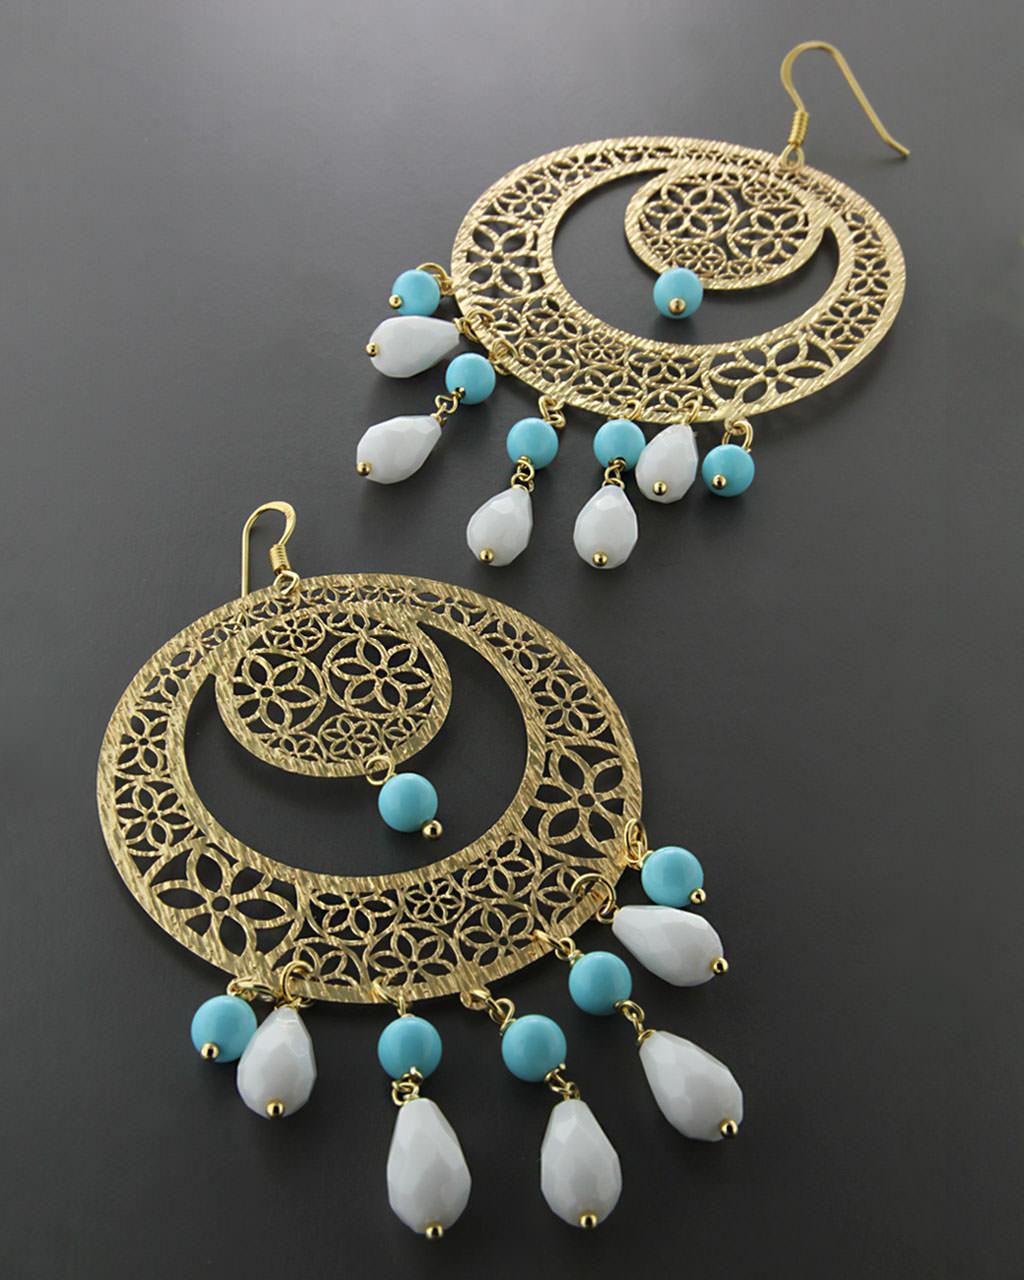 Σκουλαρίκια ασημένια 925 με Τυρκουάζ & Όνυχα   γυναικα σκουλαρίκια σκουλαρίκια ασημένια